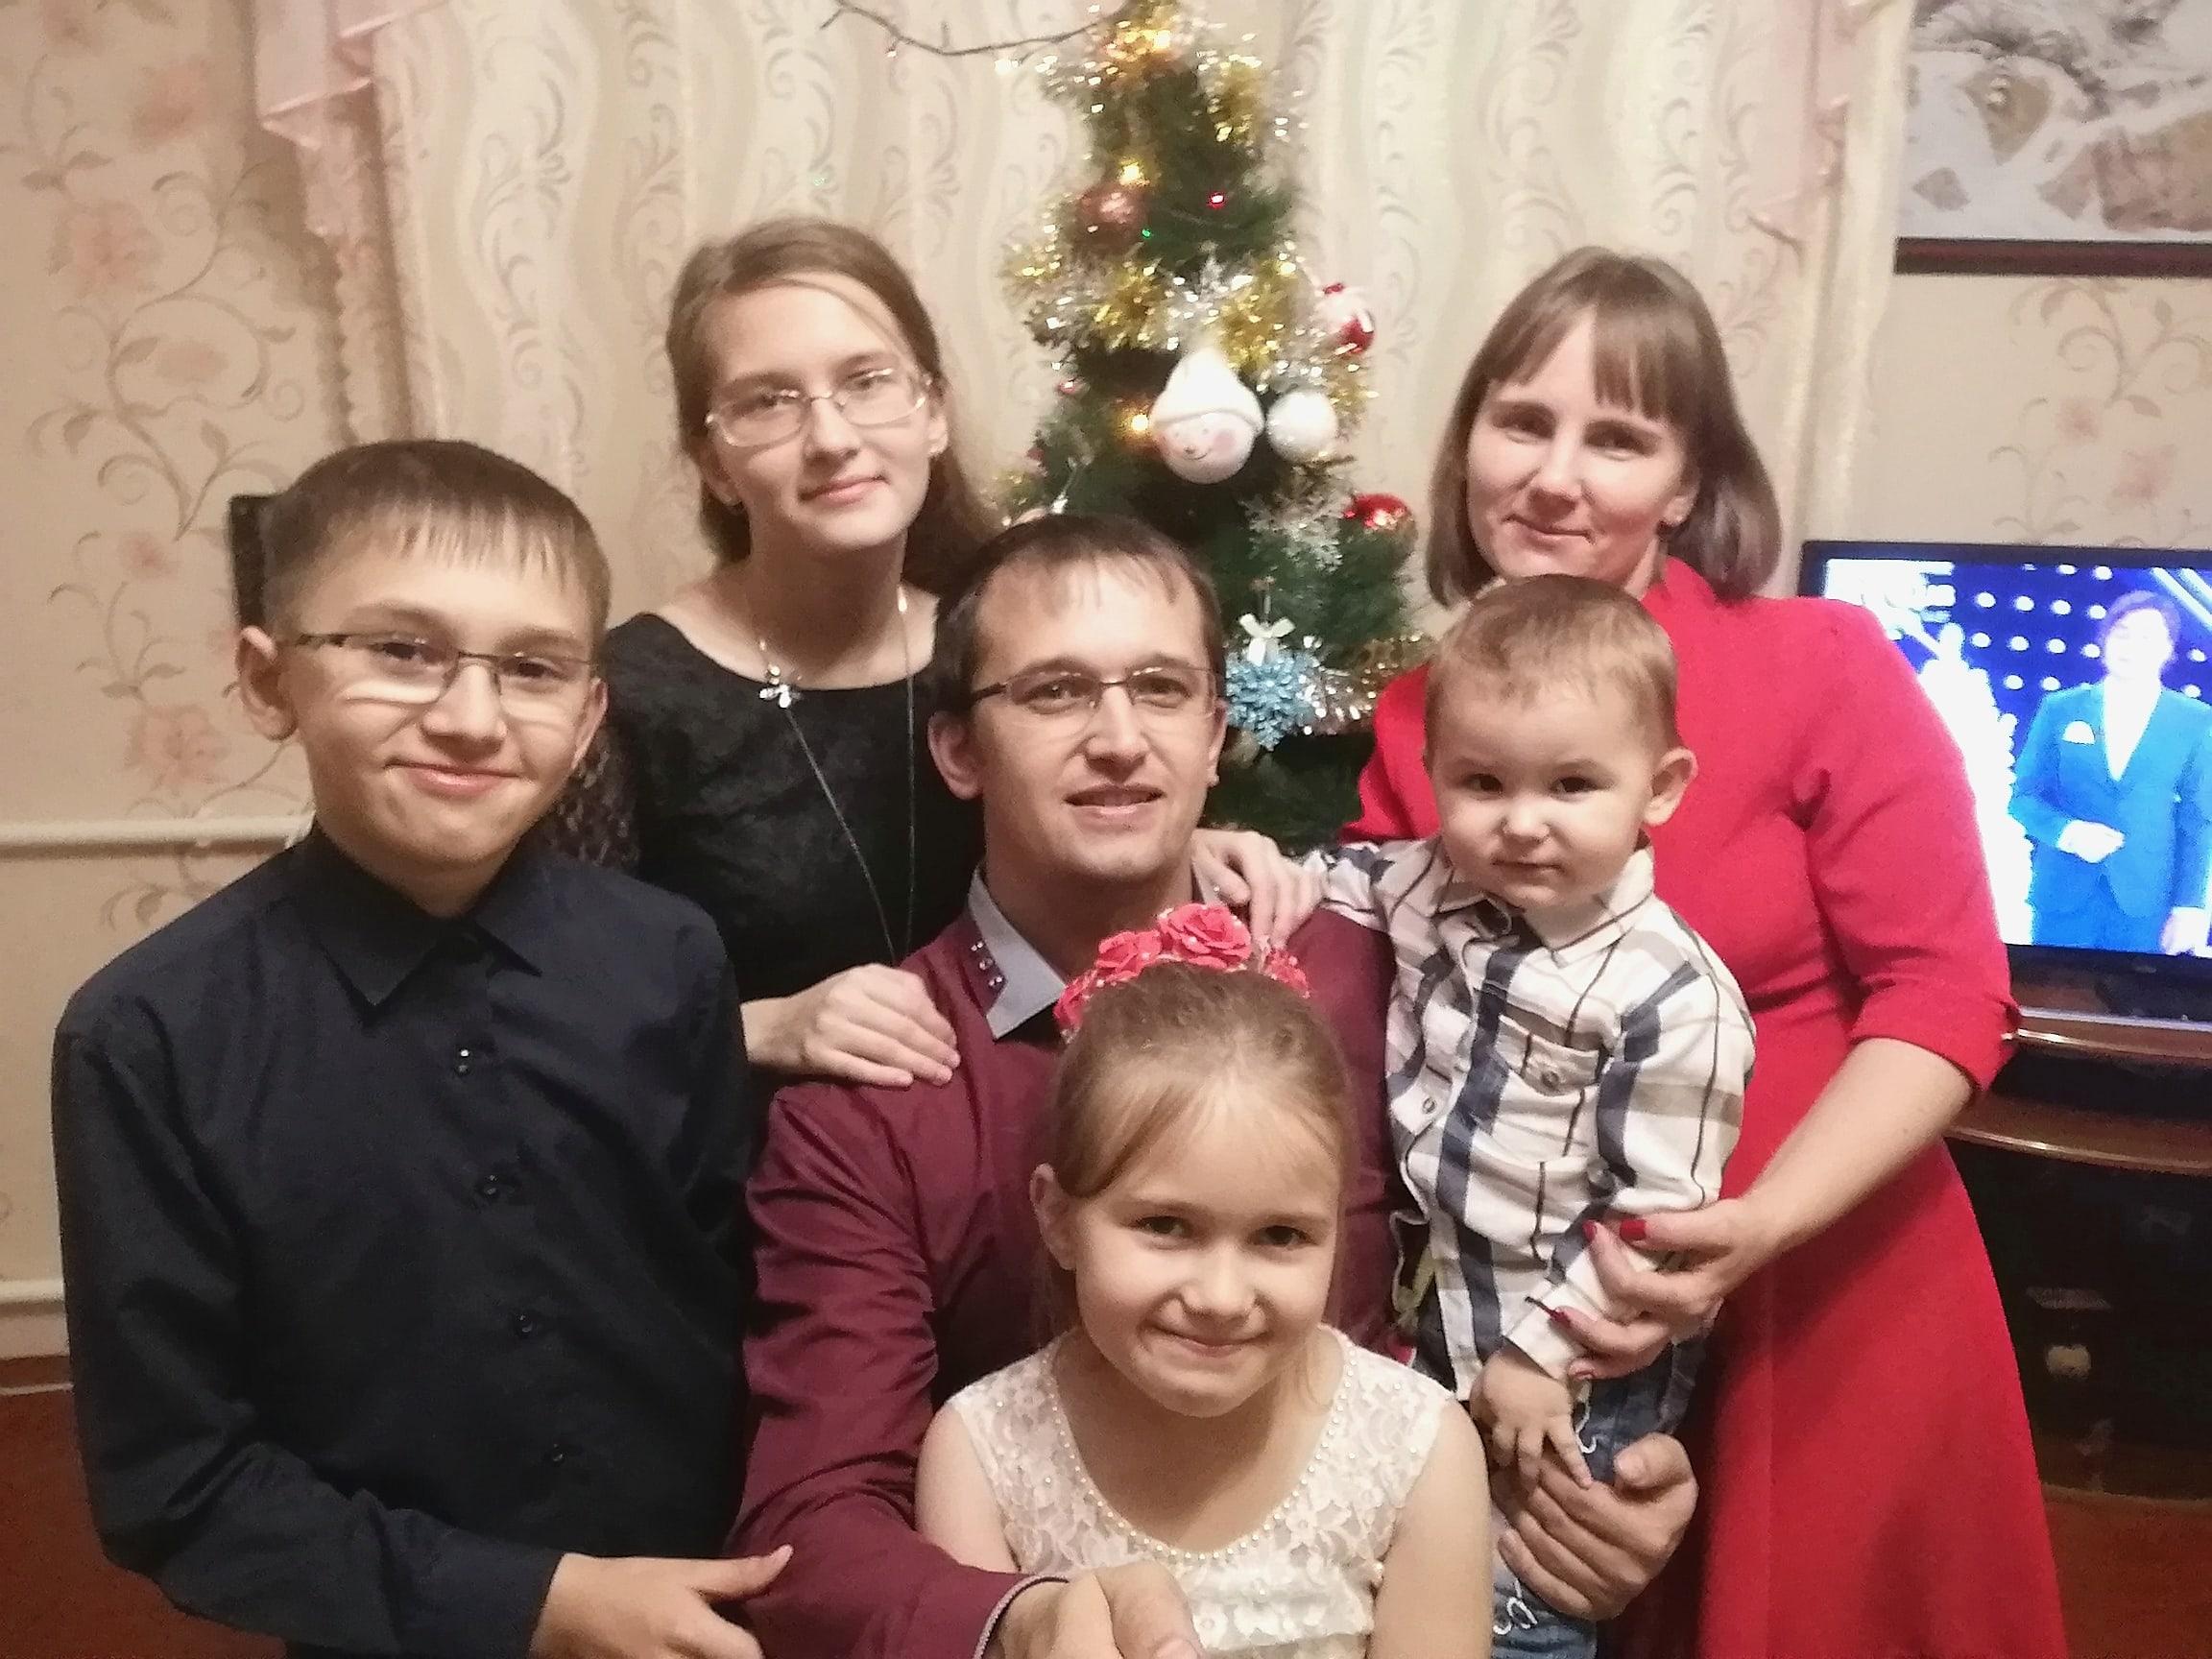 Наталья Новикова: Построили новый дом, воспользовавшись льготами